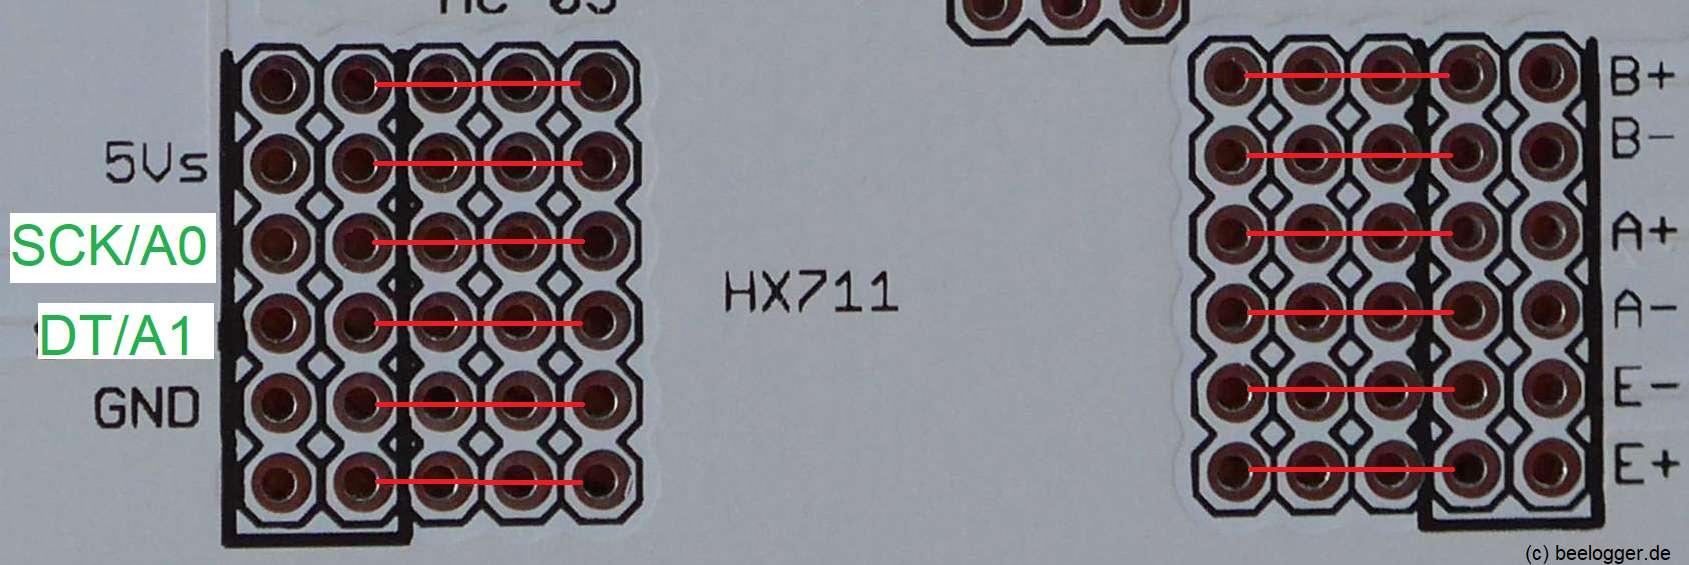 Universal Anschaltung HX711